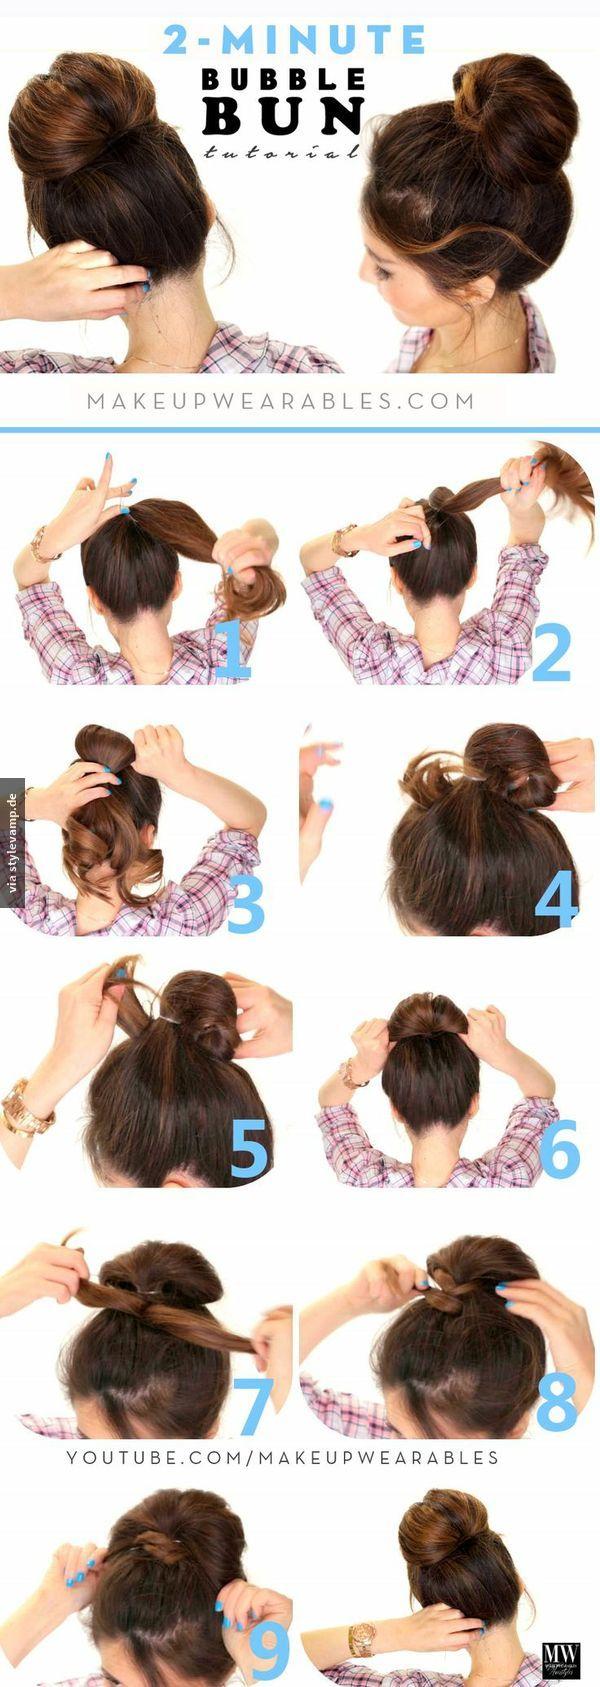 Stylevamp Fashion Beauty Trends Haarfrisuren Frisur Hochgesteckt Frisuren